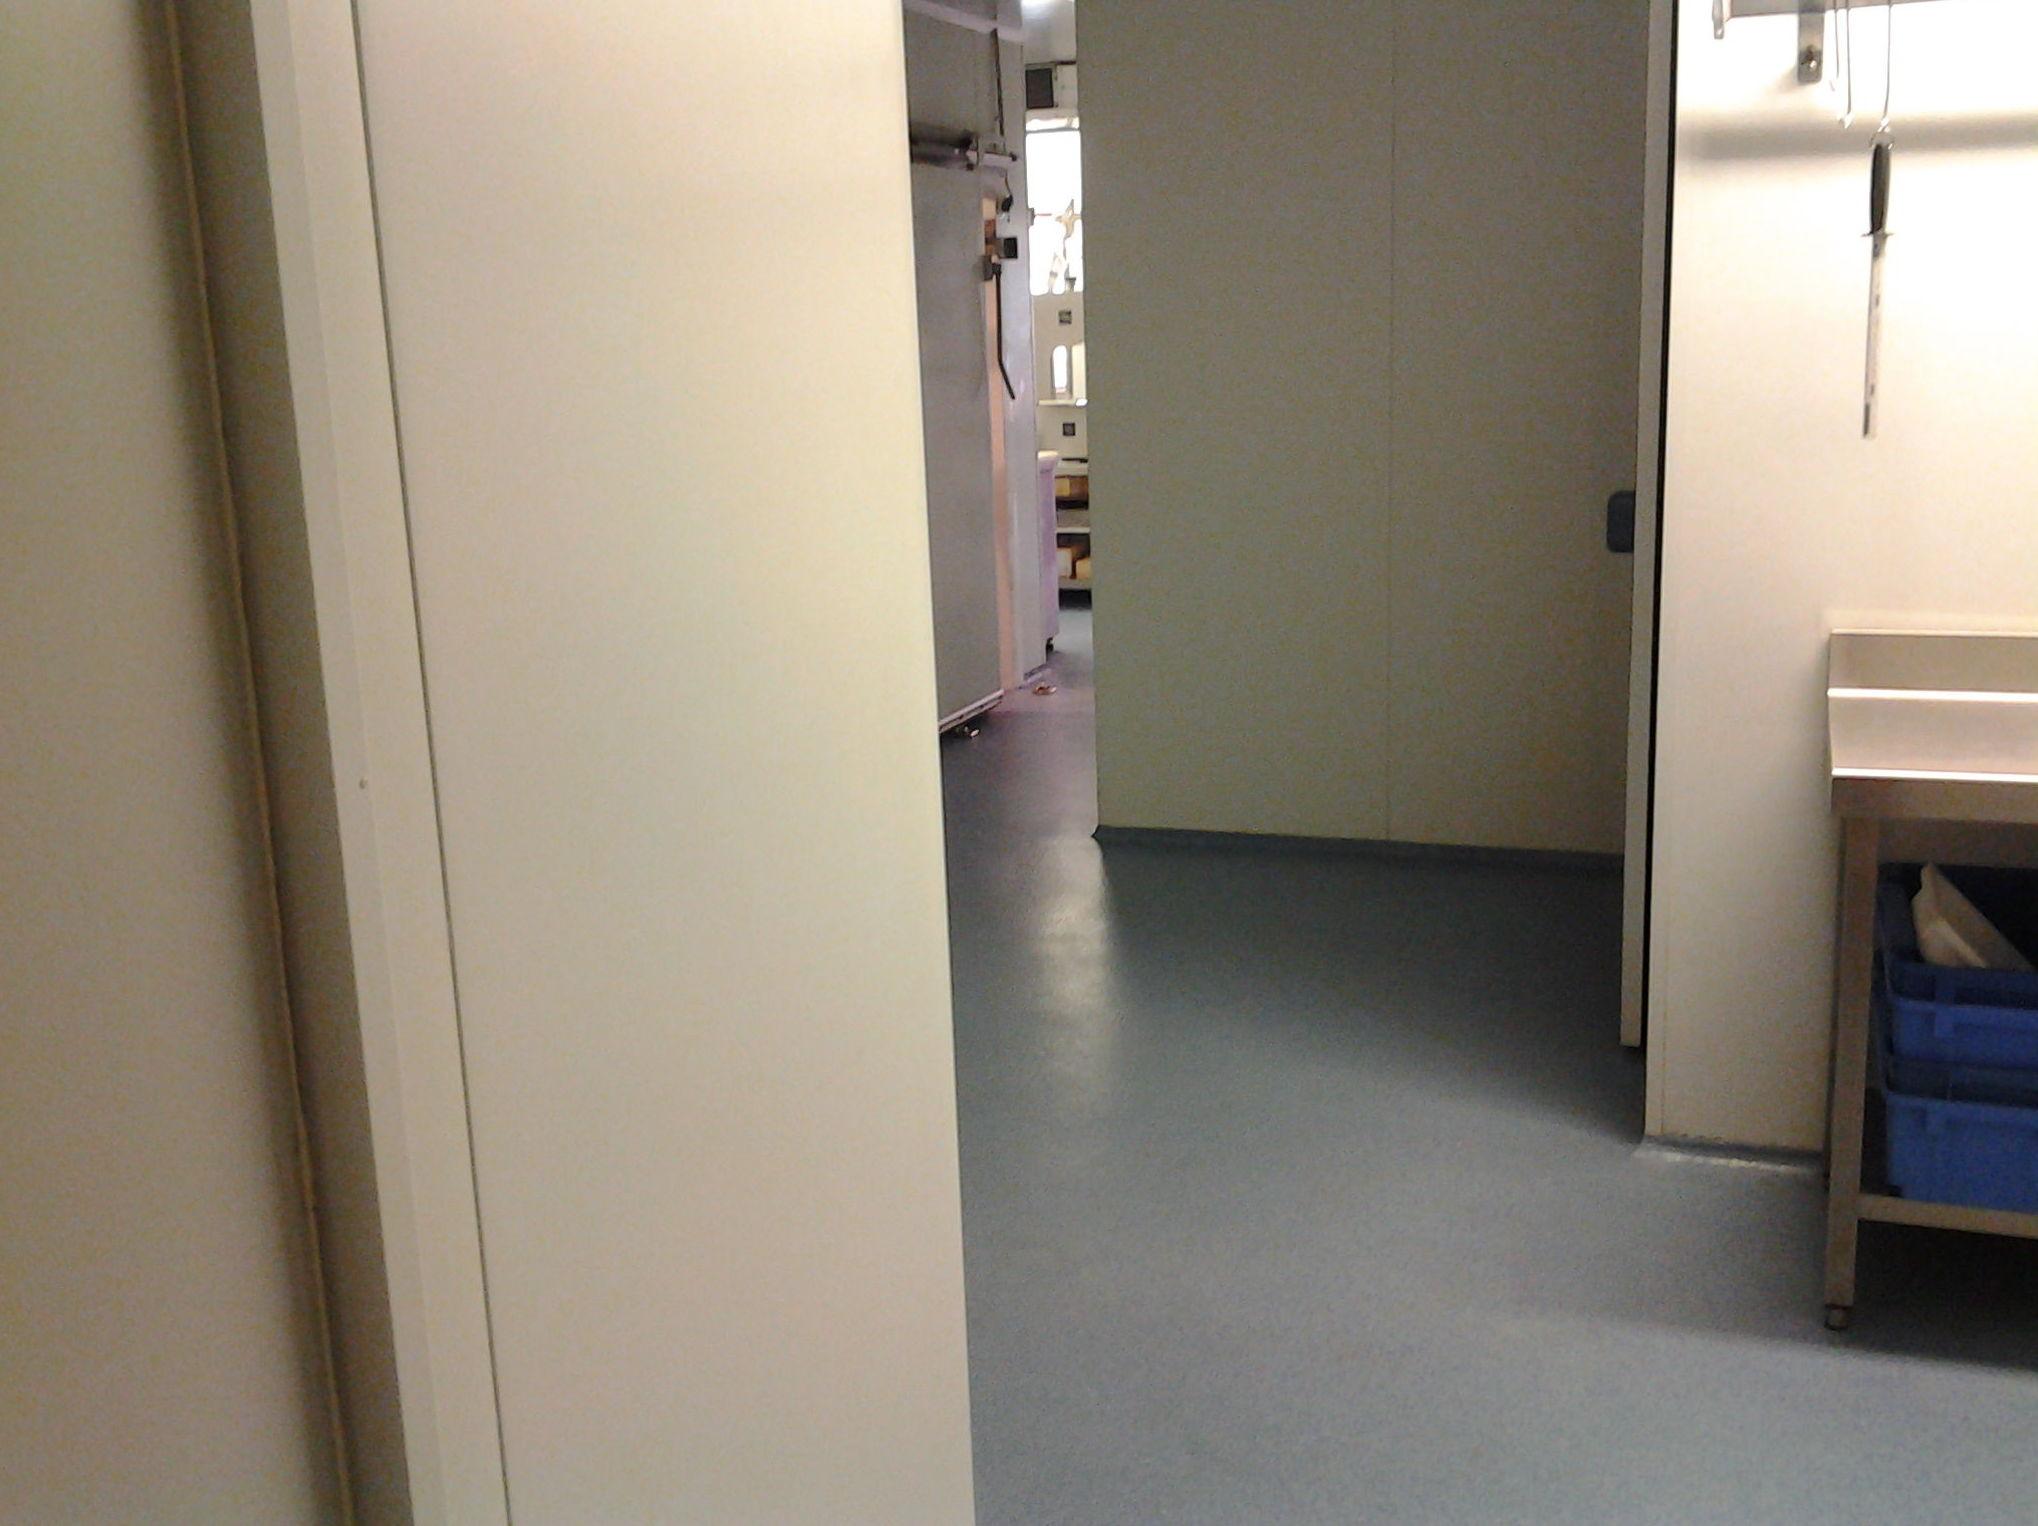 Vista interior de la carnicería